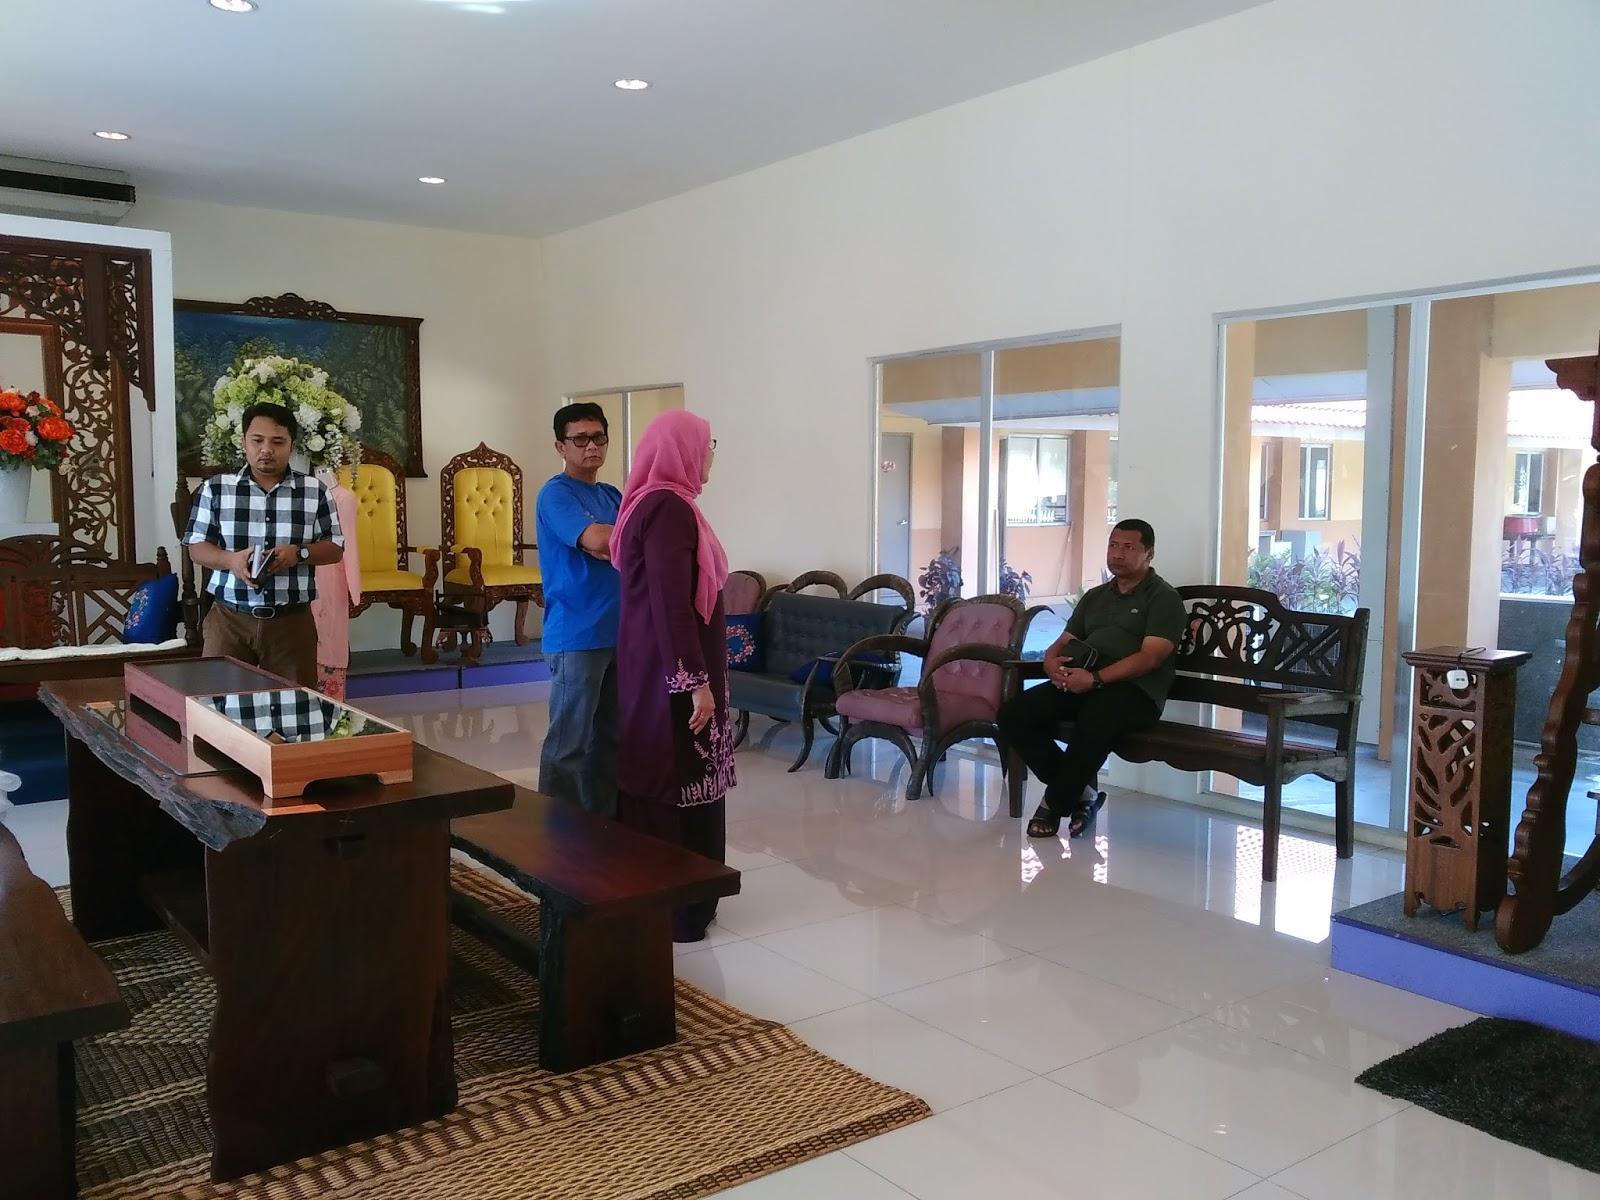 Perbadanan Kemajuan Kraftangan Malaysia Cawangan Pulau Pinang Lawatan Ke Kraftangan Malaysia Cawangan Pulau Pinang